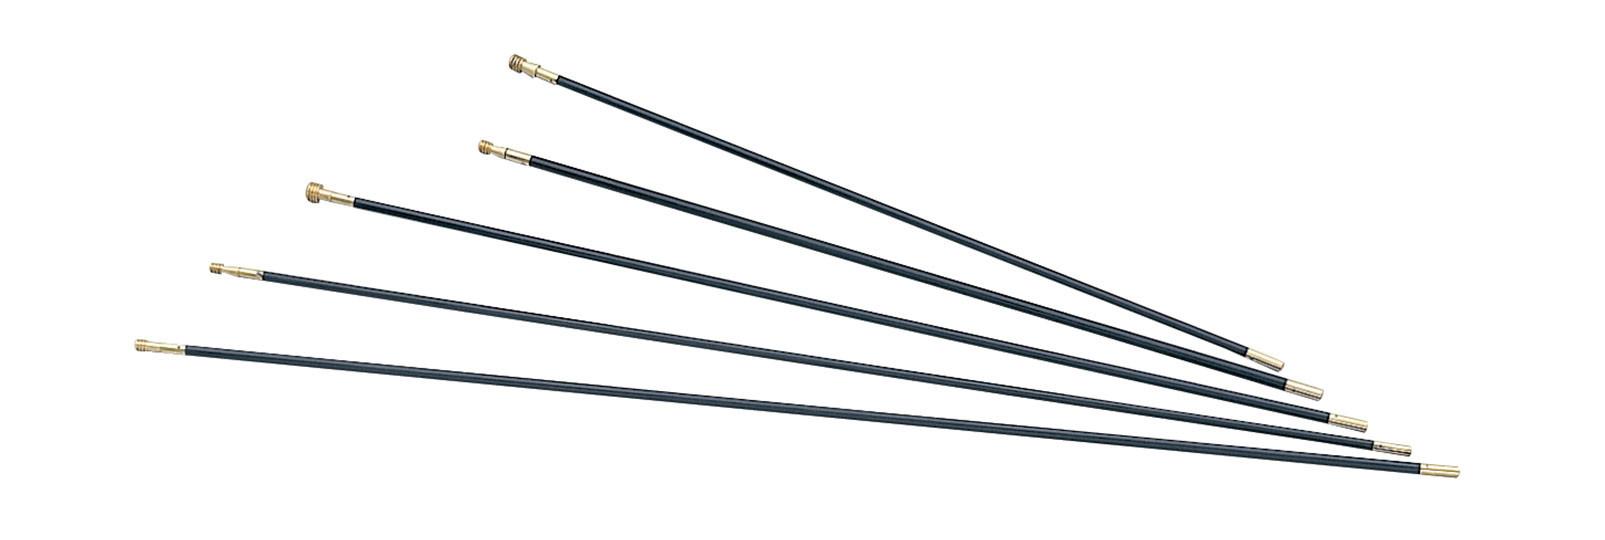 Fiber rod 7x1060 mm